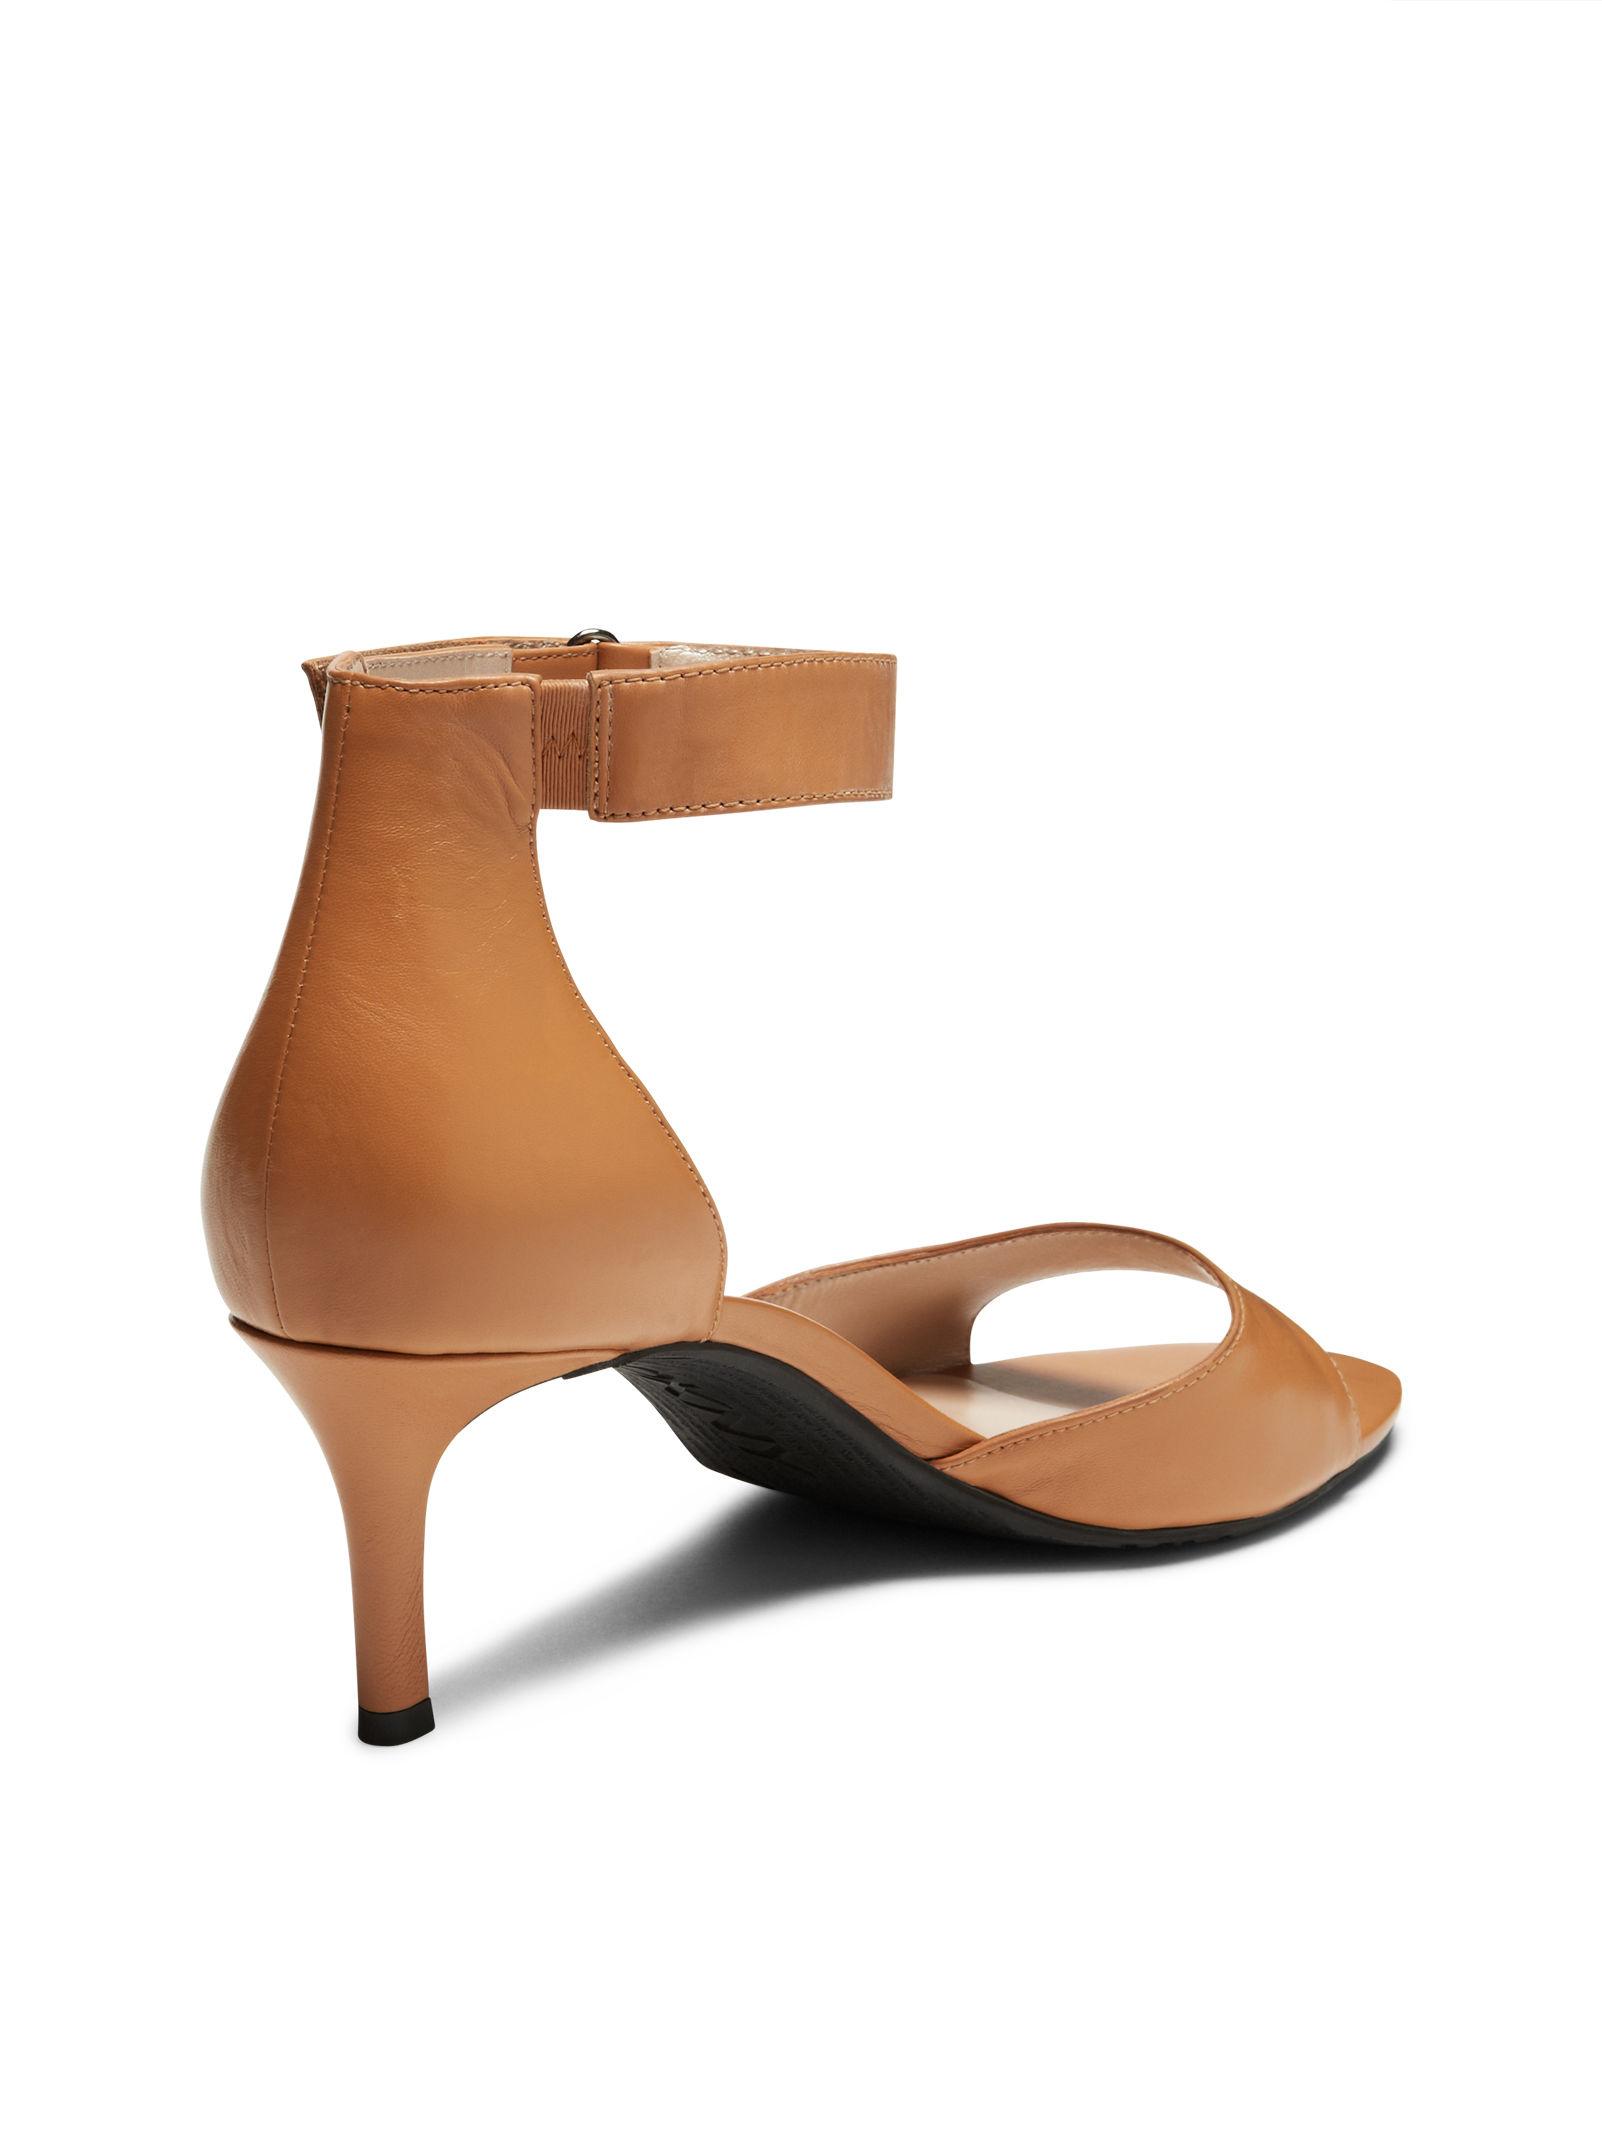 Tan Kitten Heel Sandals